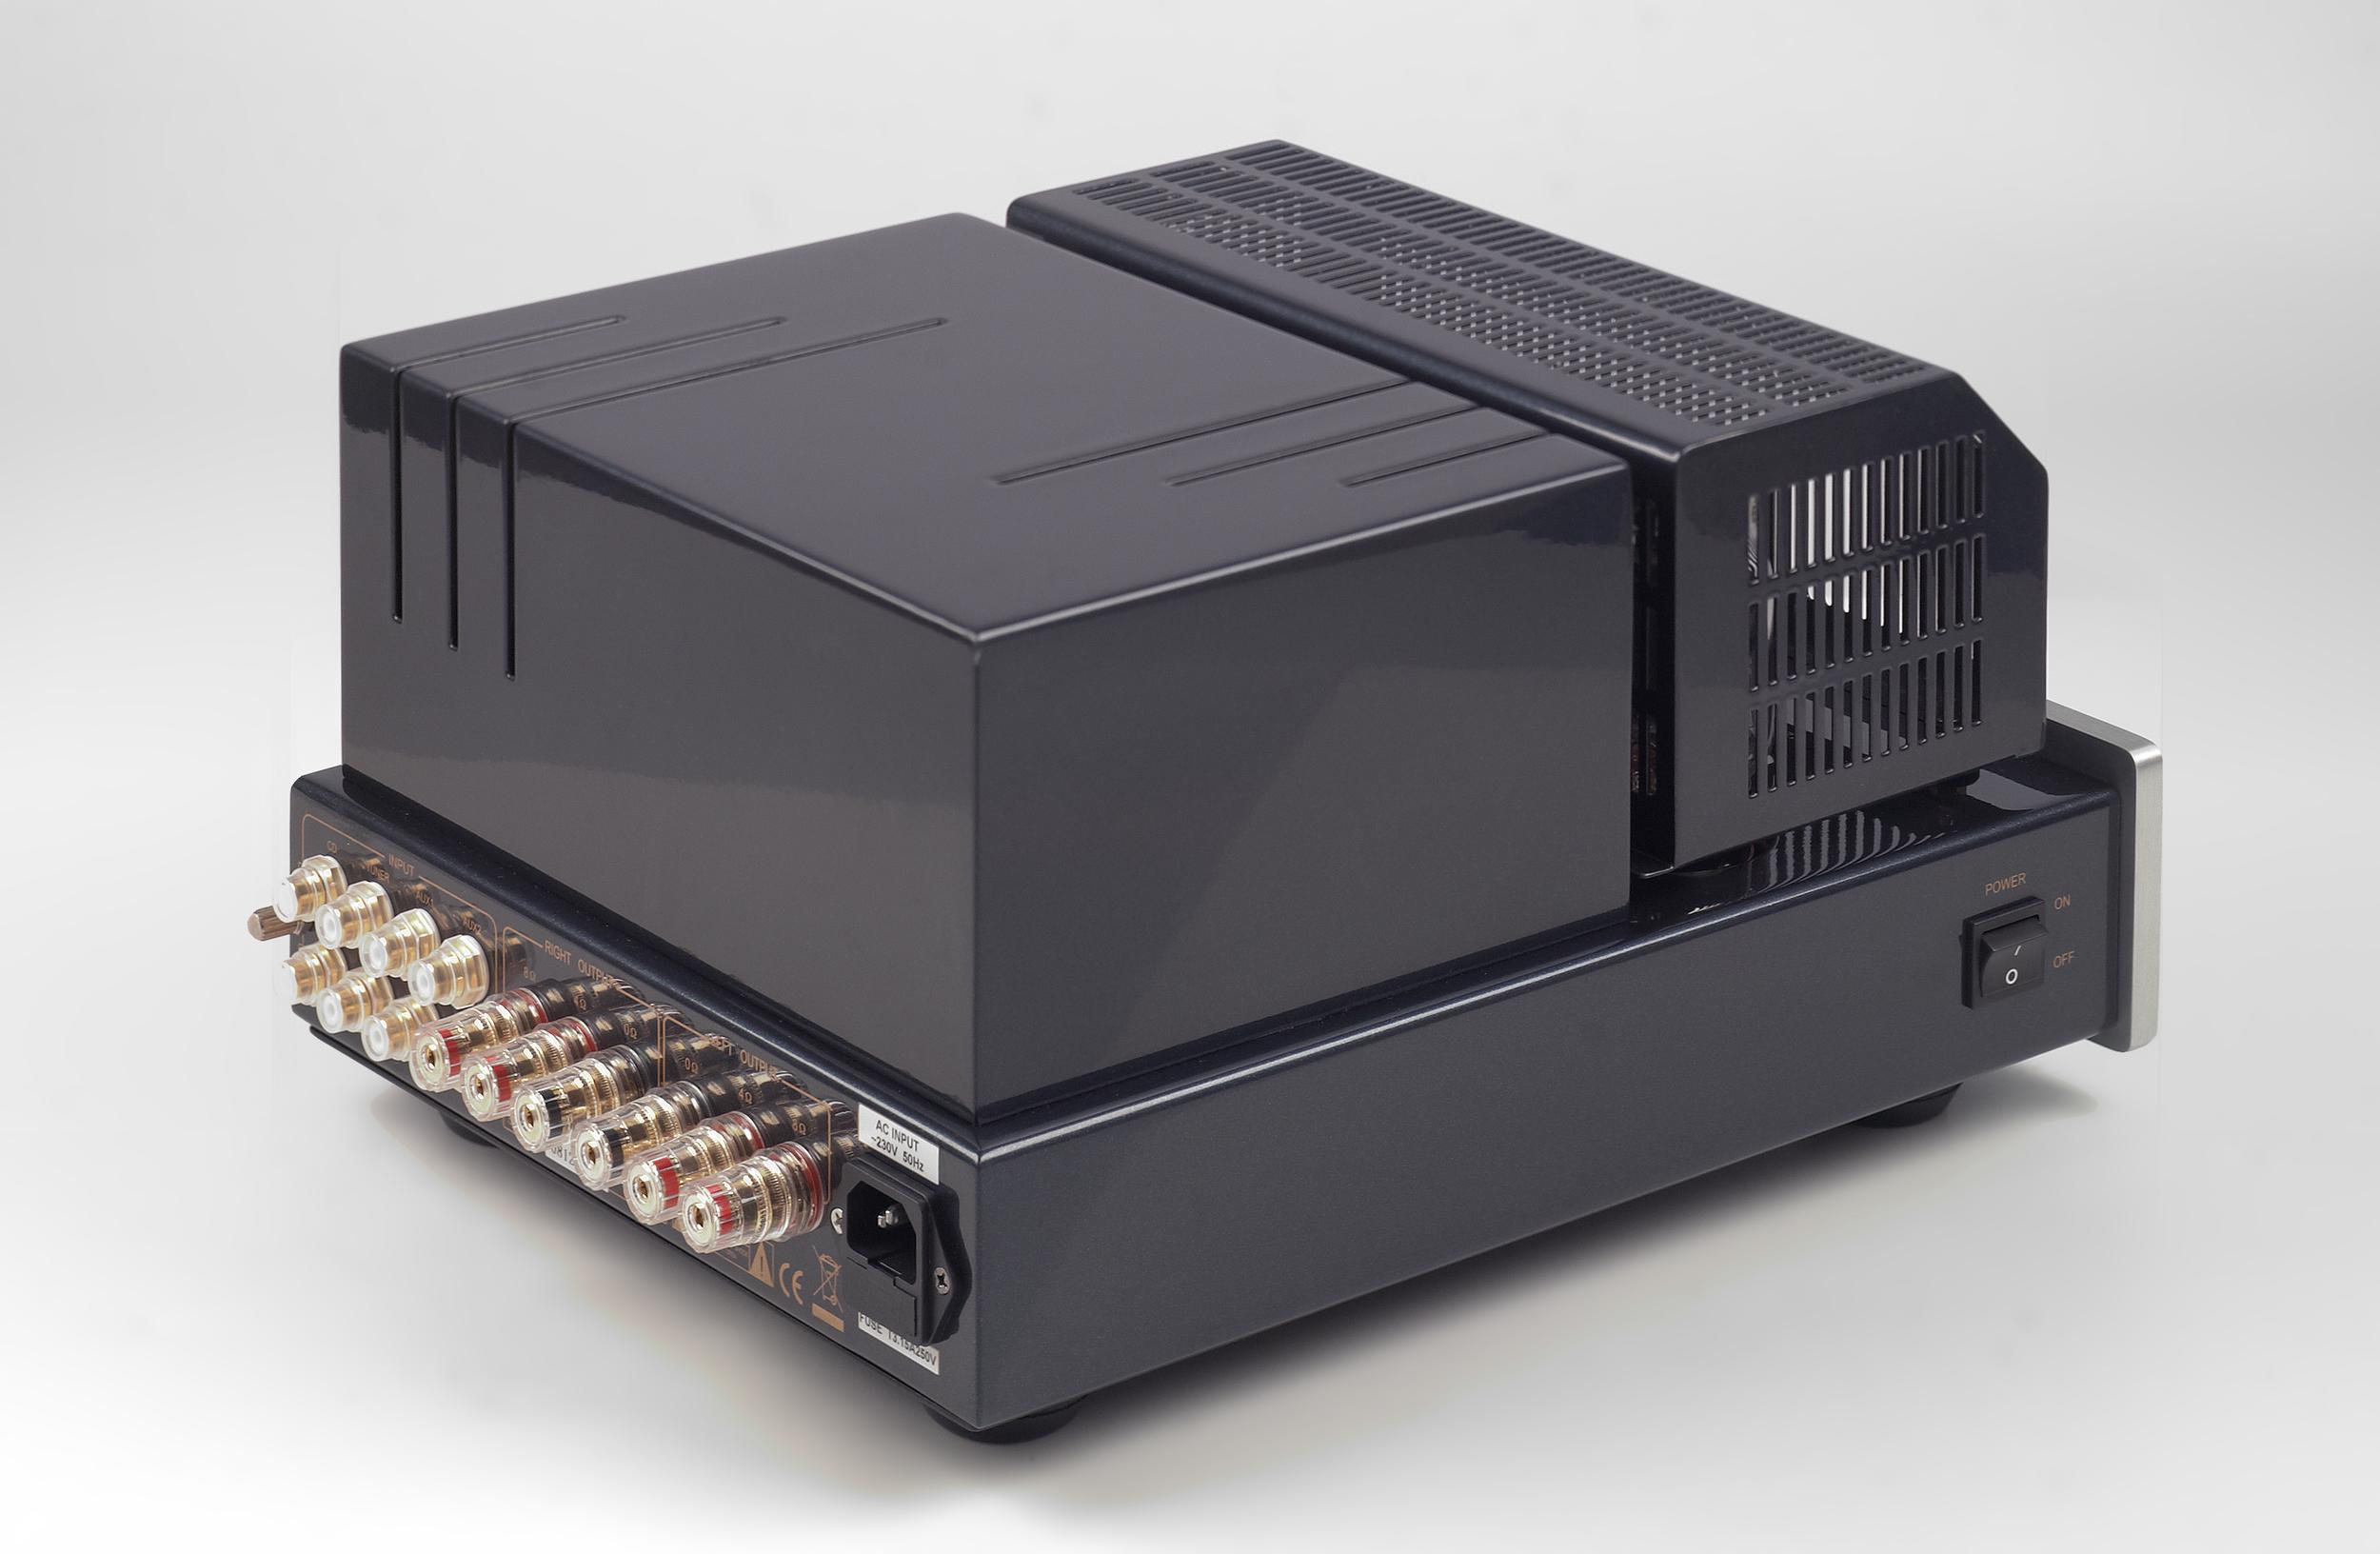 007-PrimaLuna Classic Integrated Amplifier-zilver.jpg